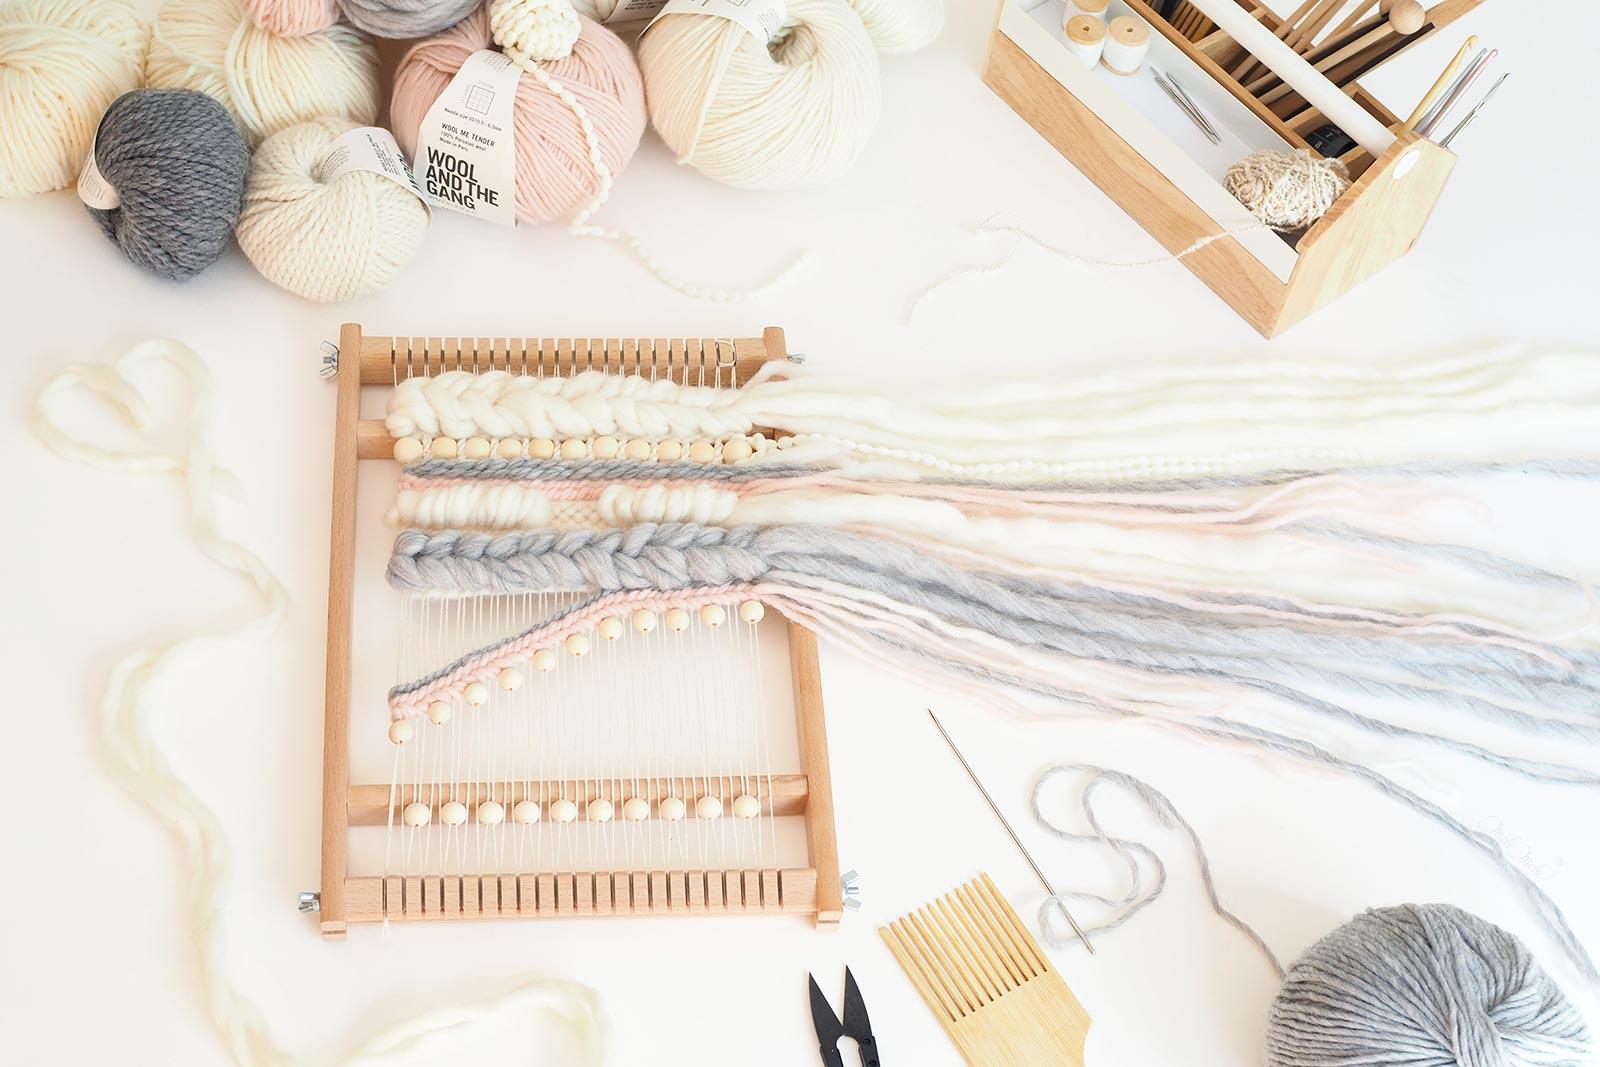 tissage en cours perles en bois laine plassard woolandthegang handweaving laboutiquedemelimelo